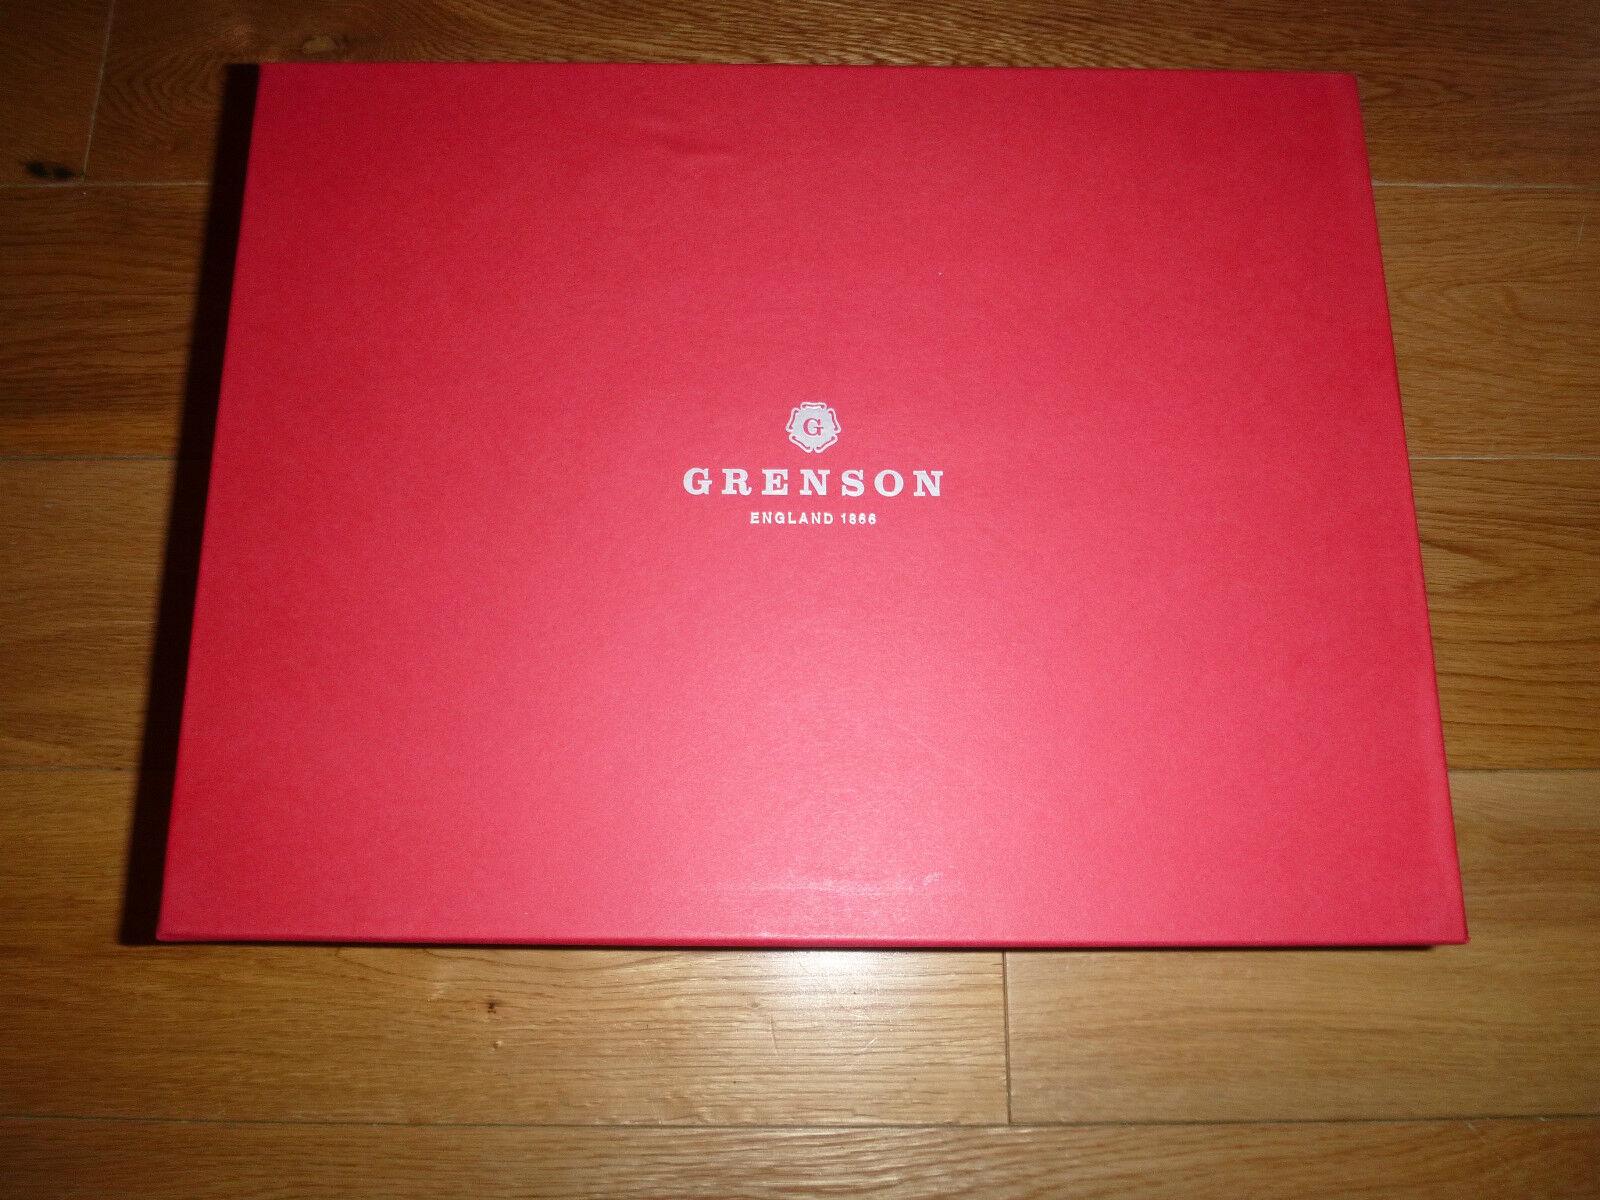 NUOVO CON 7 SCATOLA Grenson segnaposto shoes 7 CON f39962